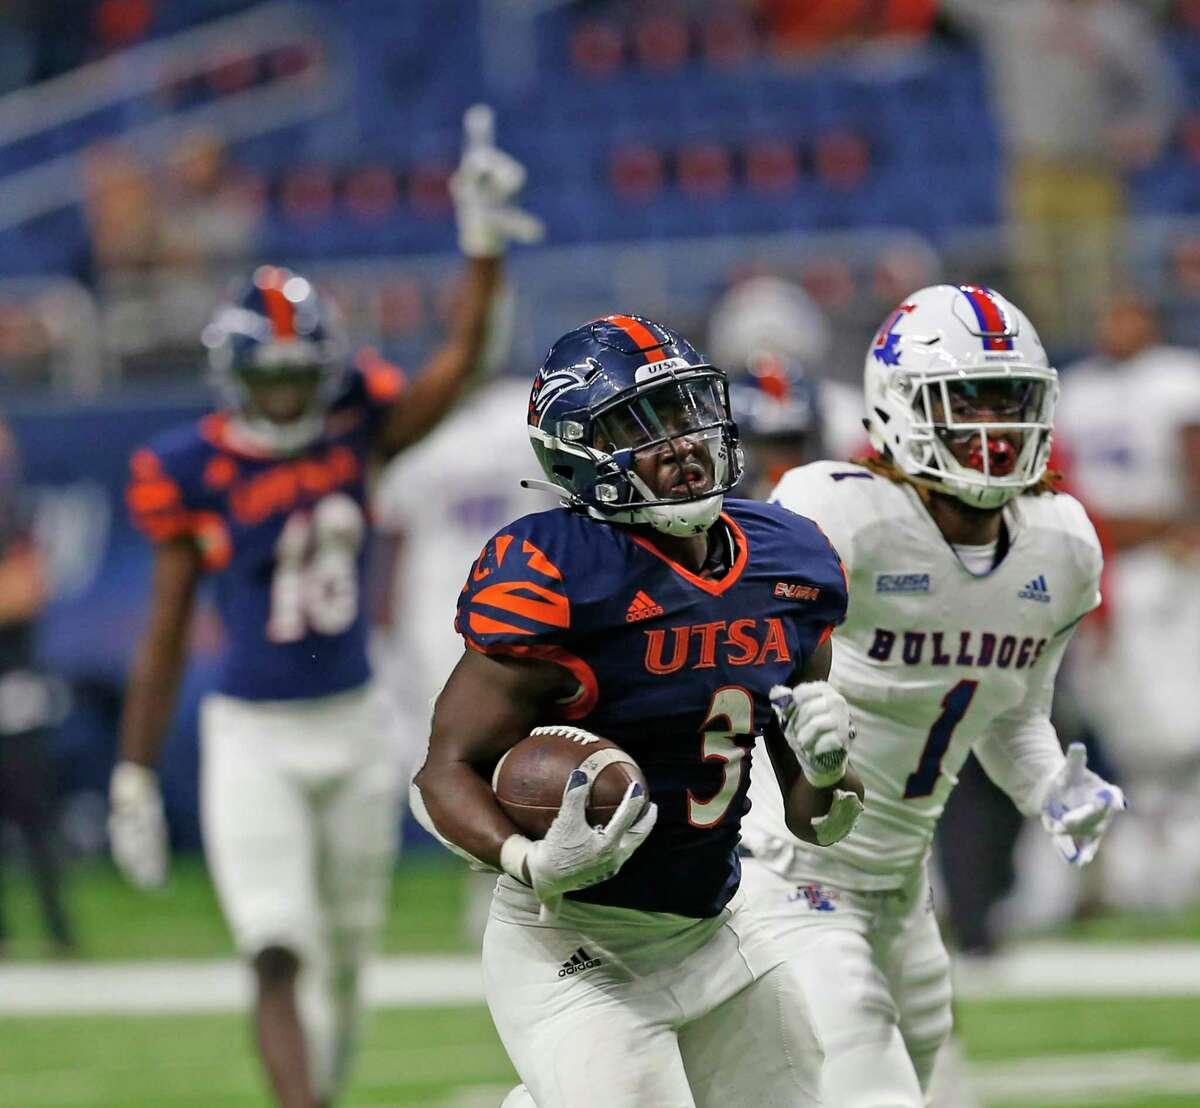 UTSA RB Sincere McCormick scores the winning touchdown on October 24, 2020 at the Alamodome. Final Score score UTSA 27 Louisiana Tech 26